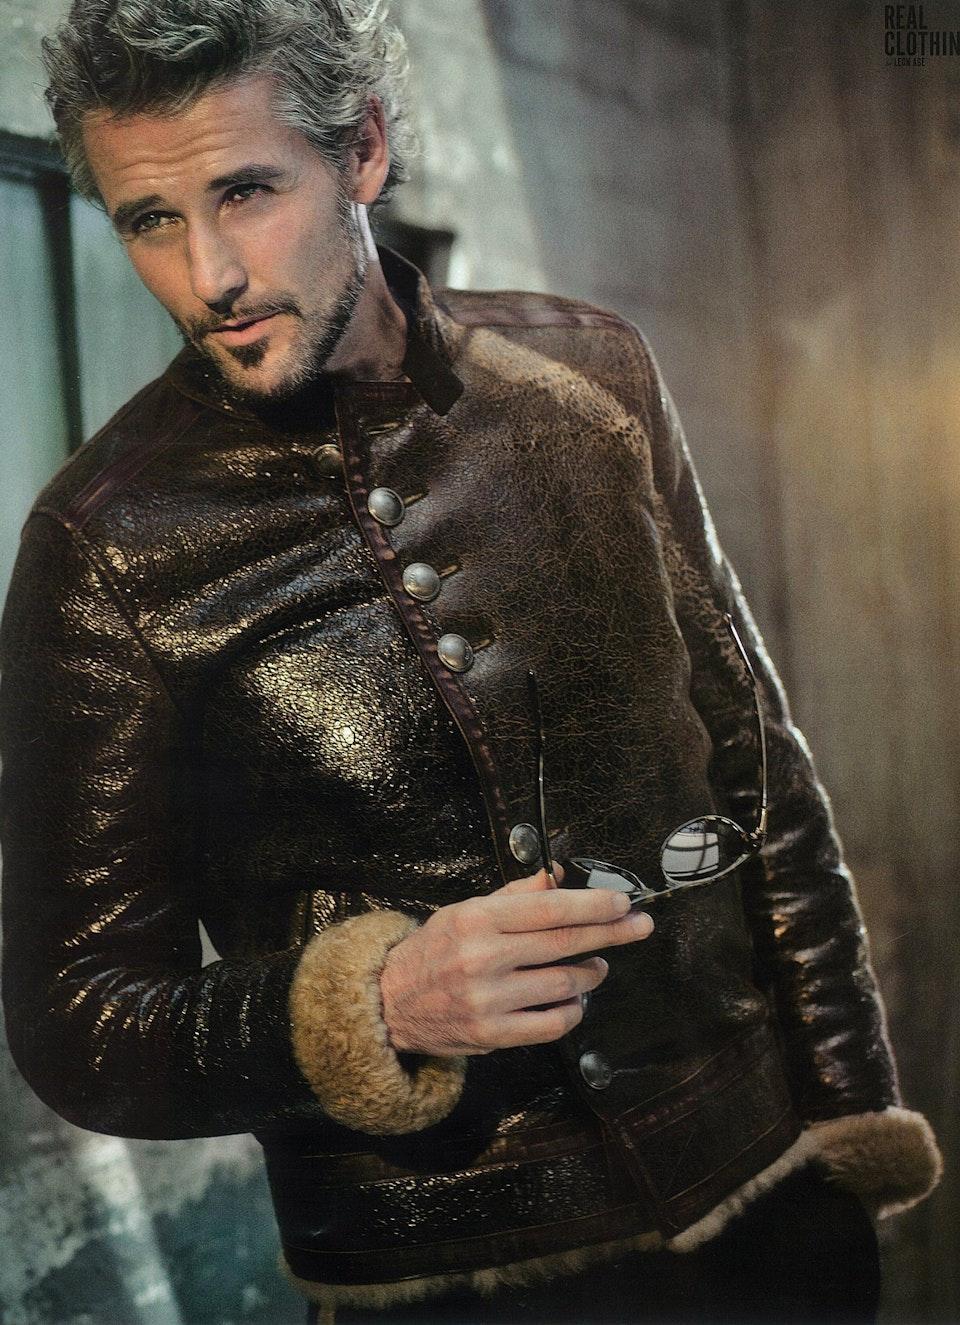 Fergal Gerard O'connor for Leon magazine. LEON11